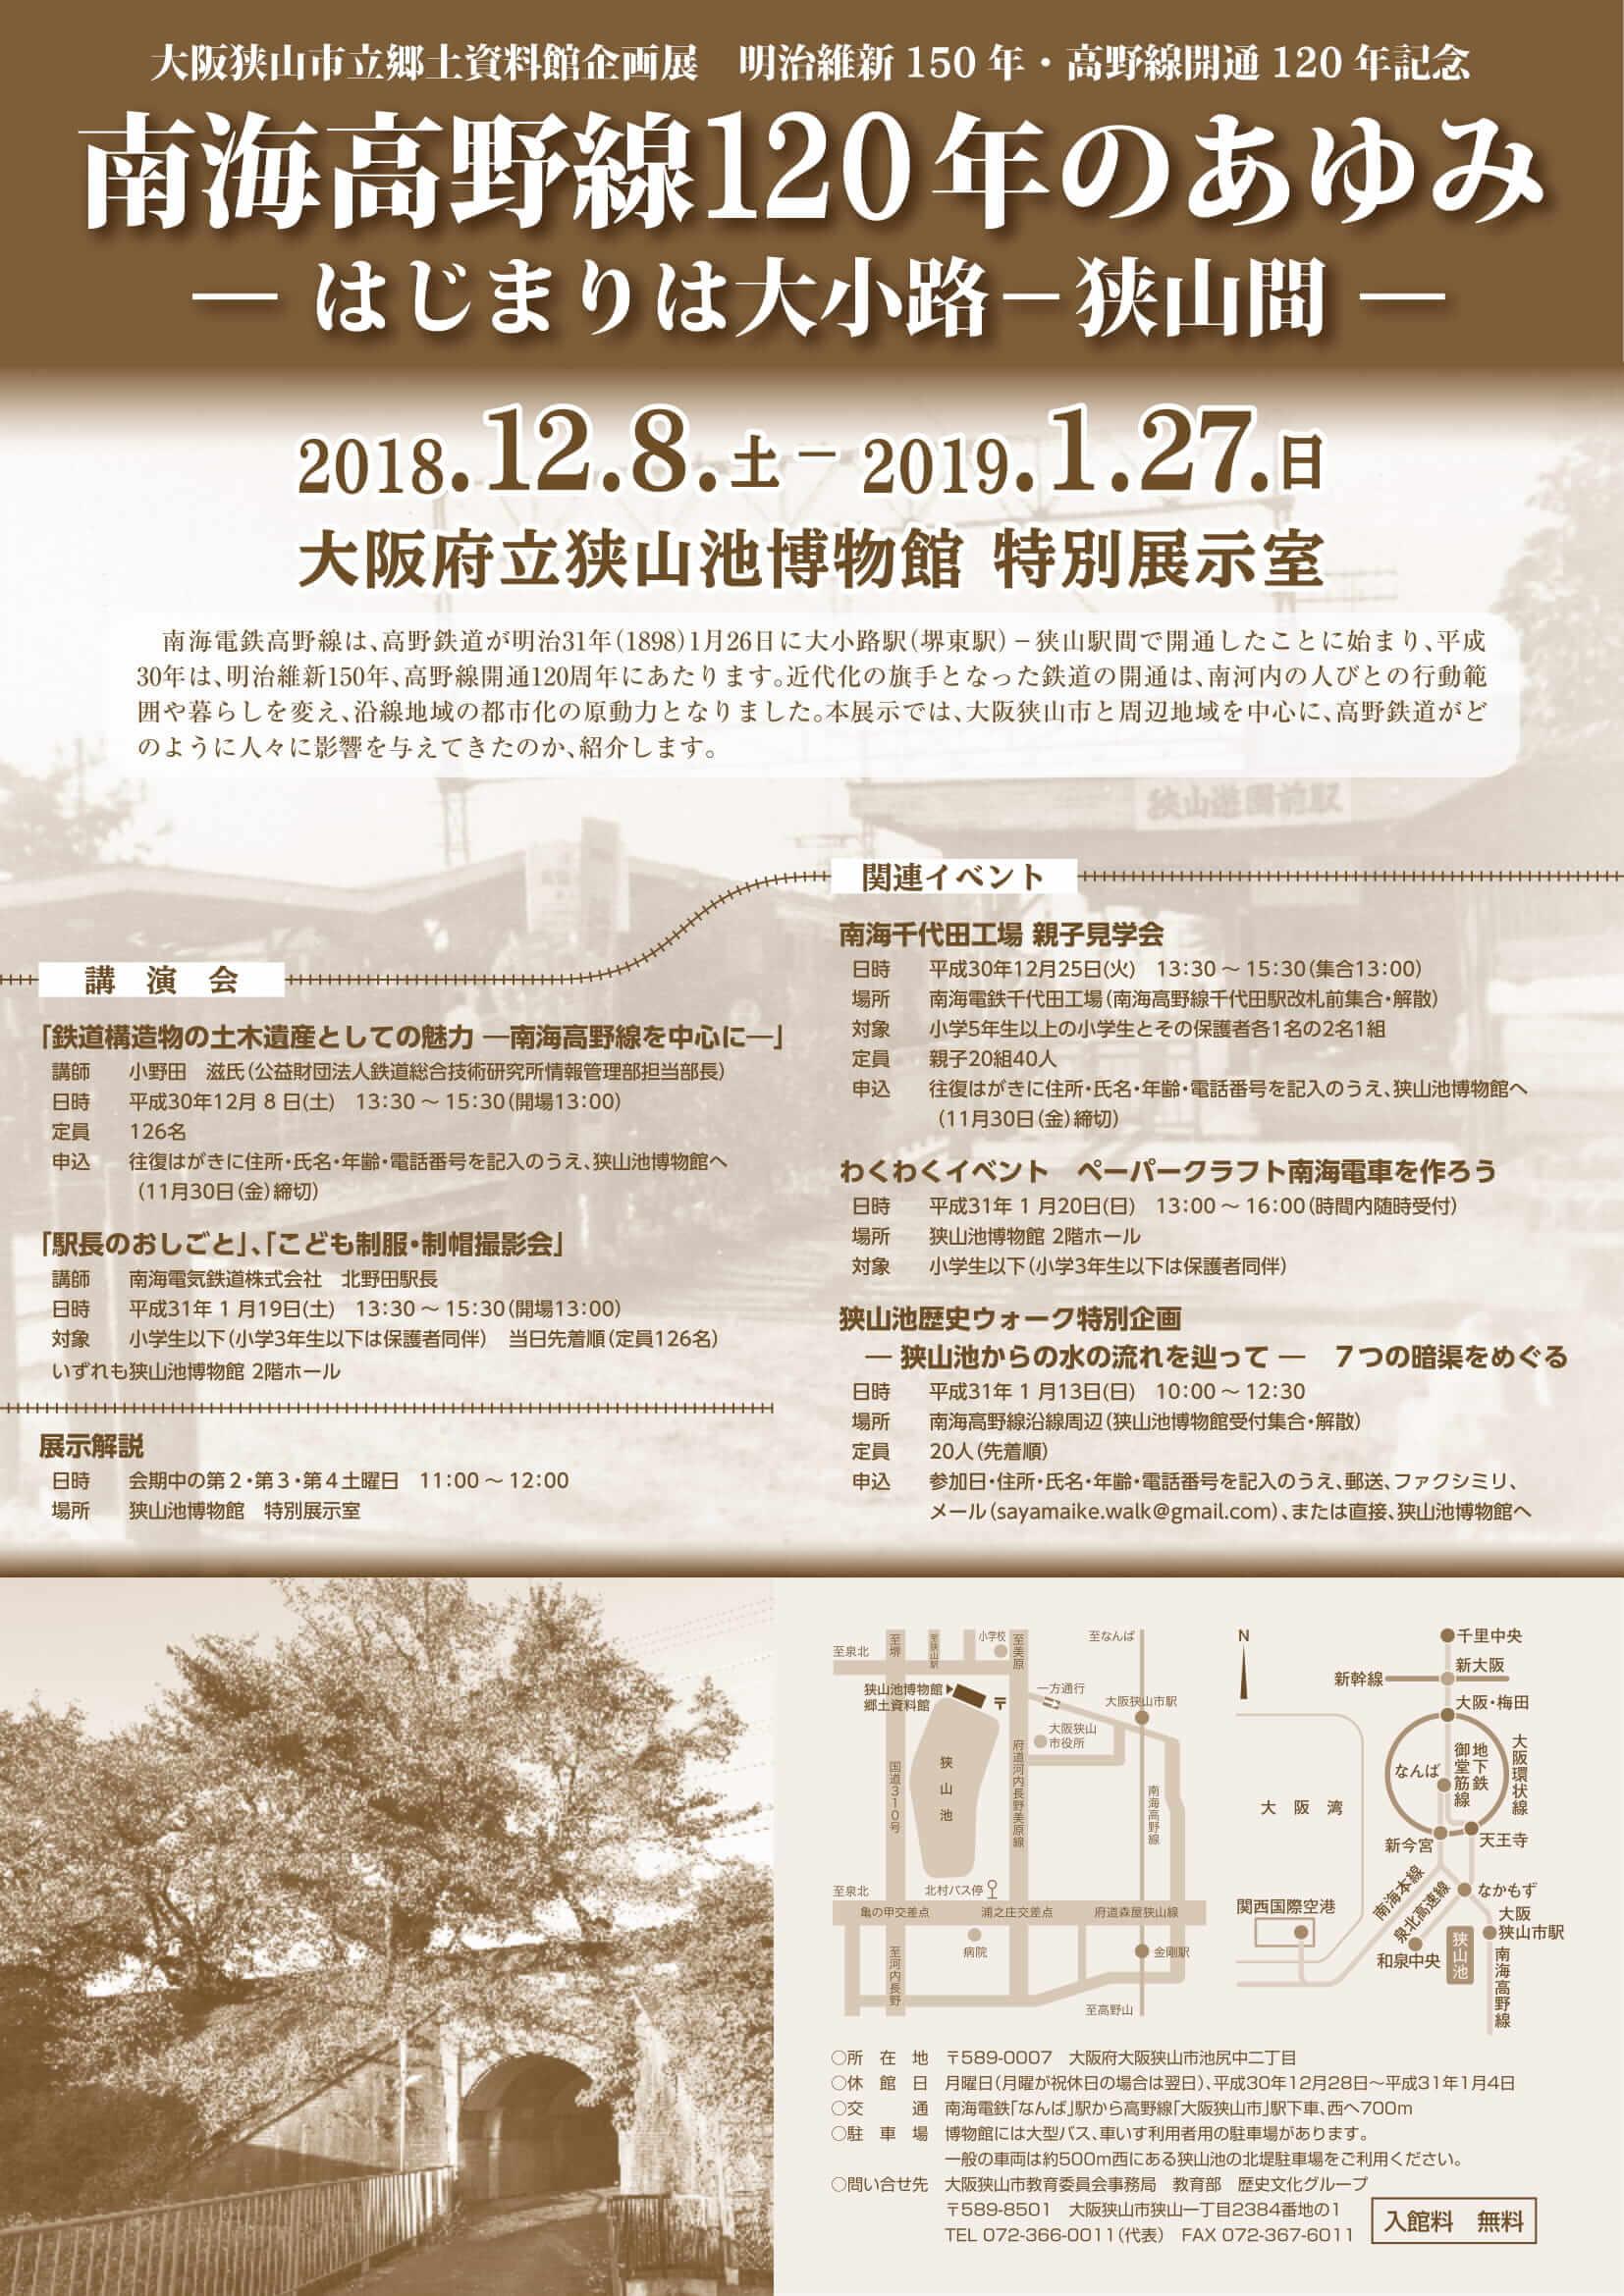 「南海高野線120年のあゆみーはじまりは大小路ー狭山間ー」が狭山池博物館にて2018年12月8日から2019年1月27日に開催